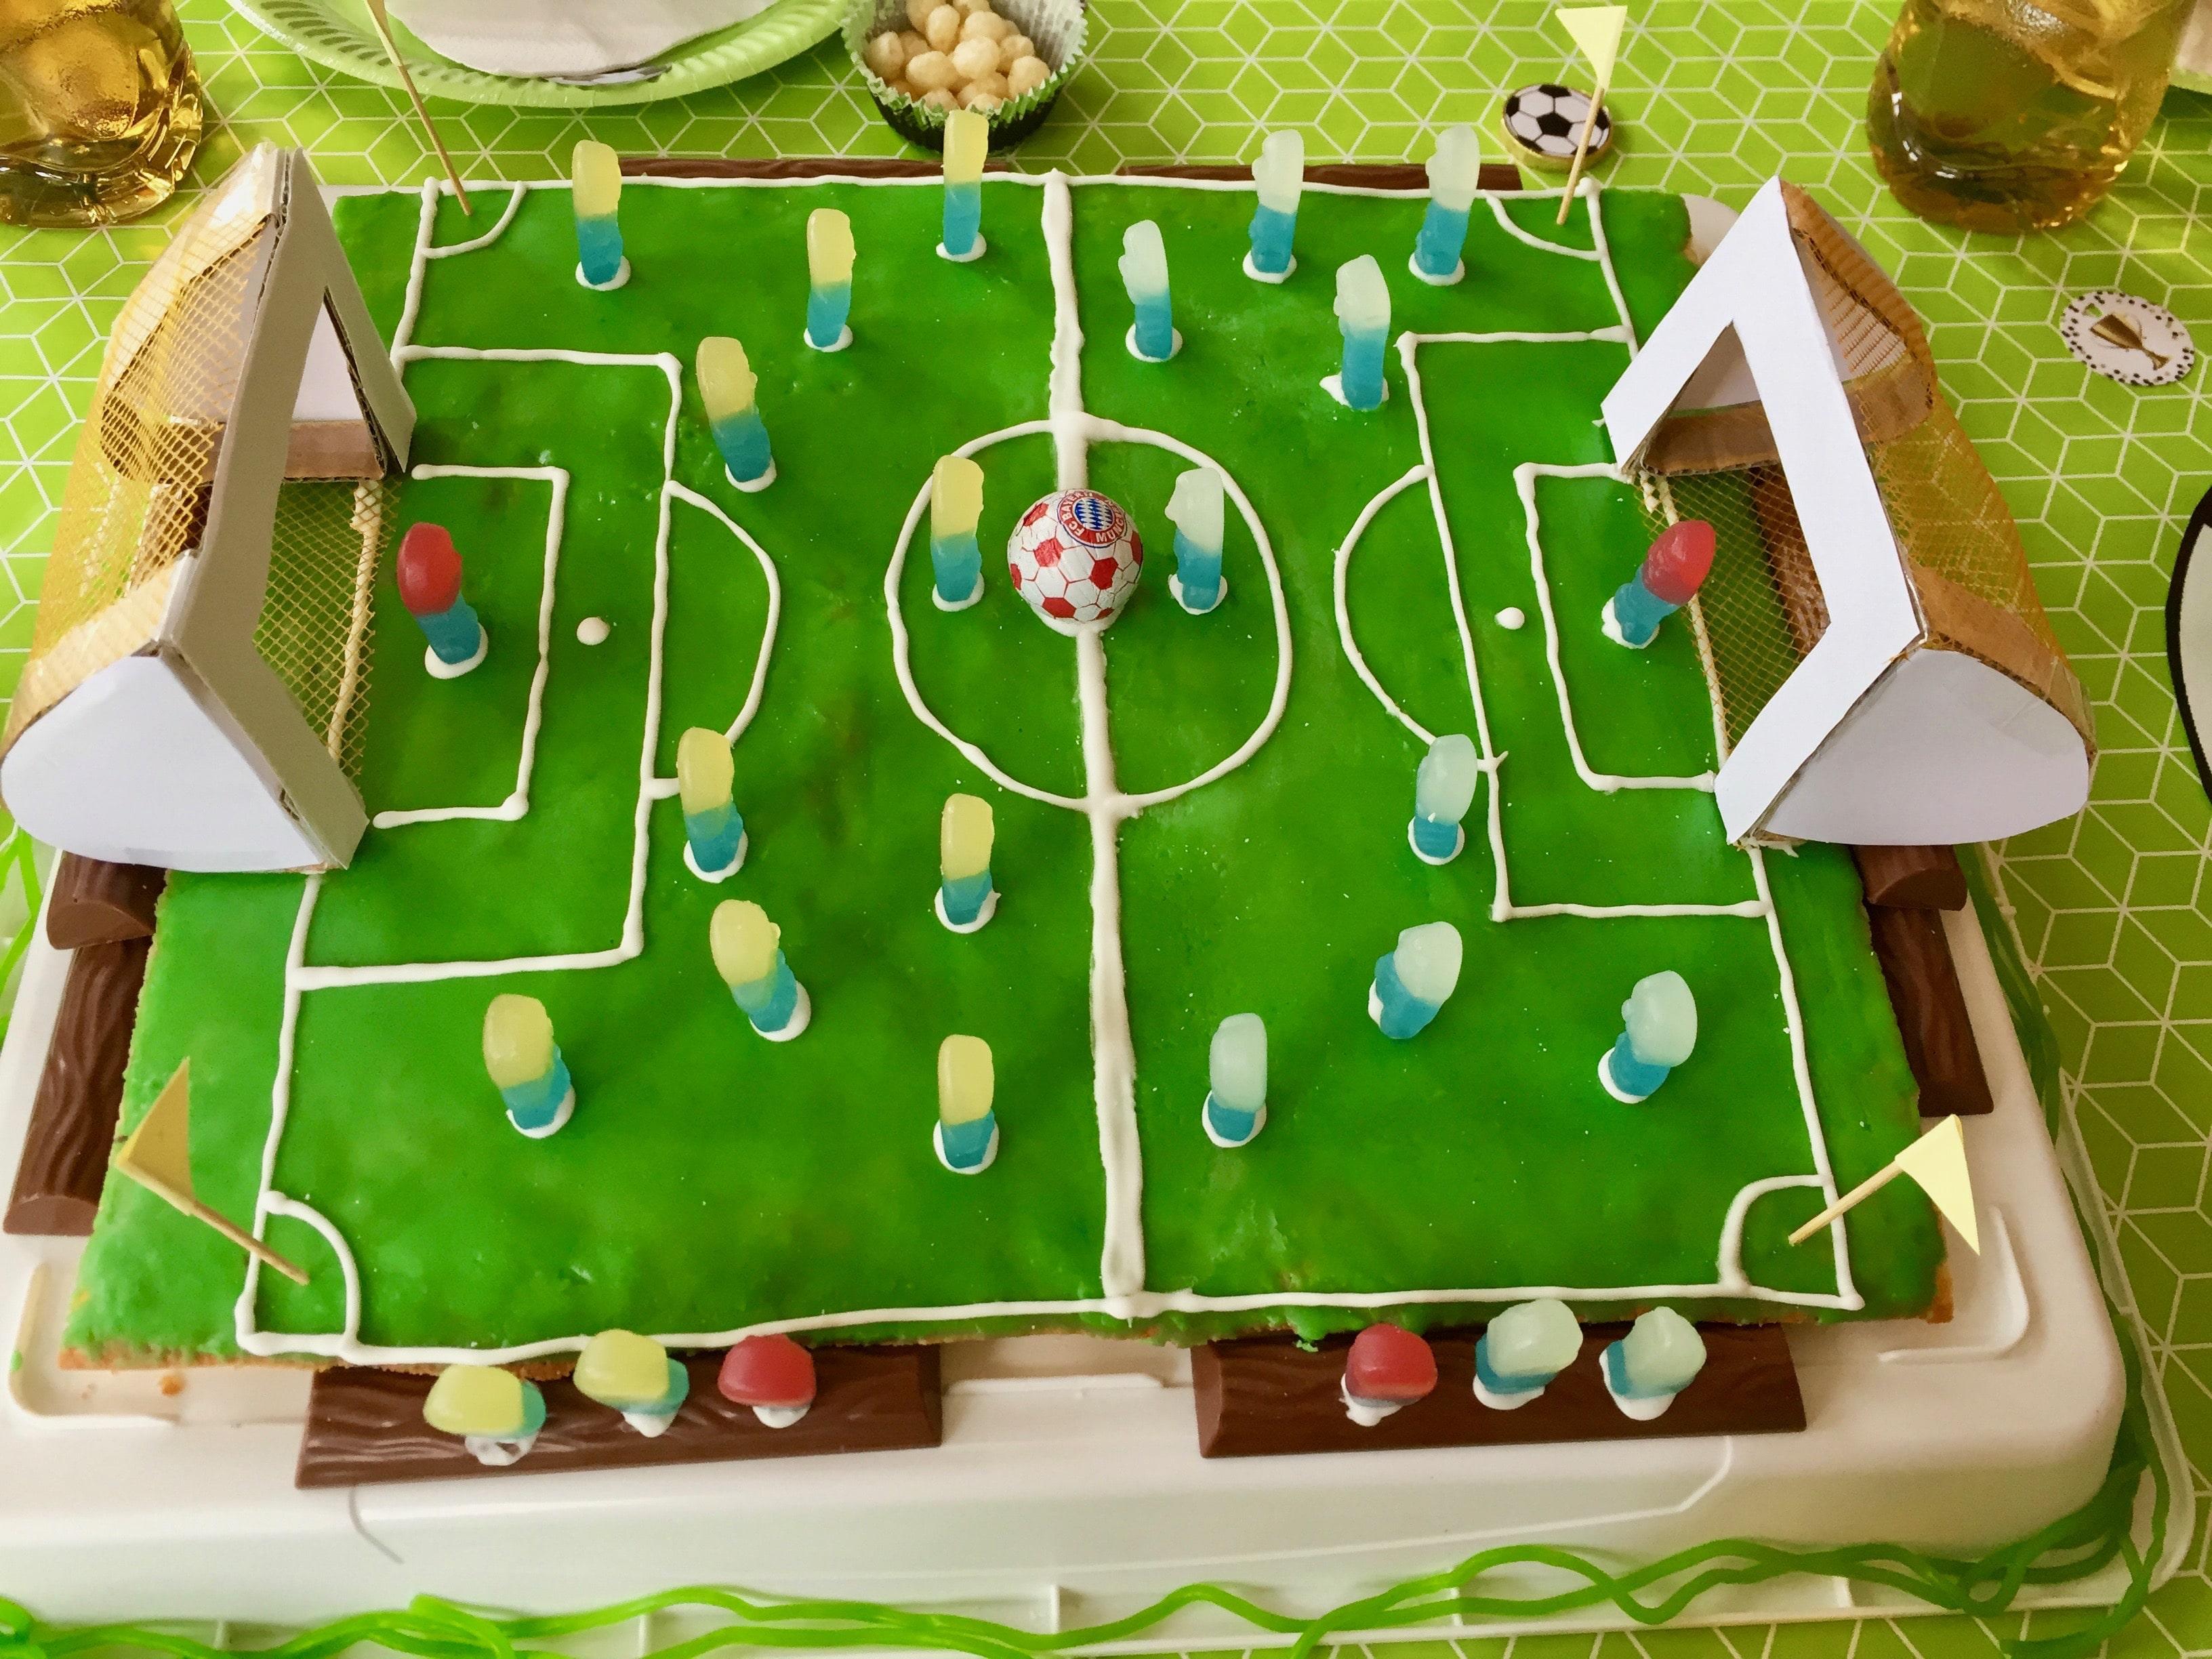 Fußball Kuchen für Kindergeburtstag, Zitronenkuchen Rezept